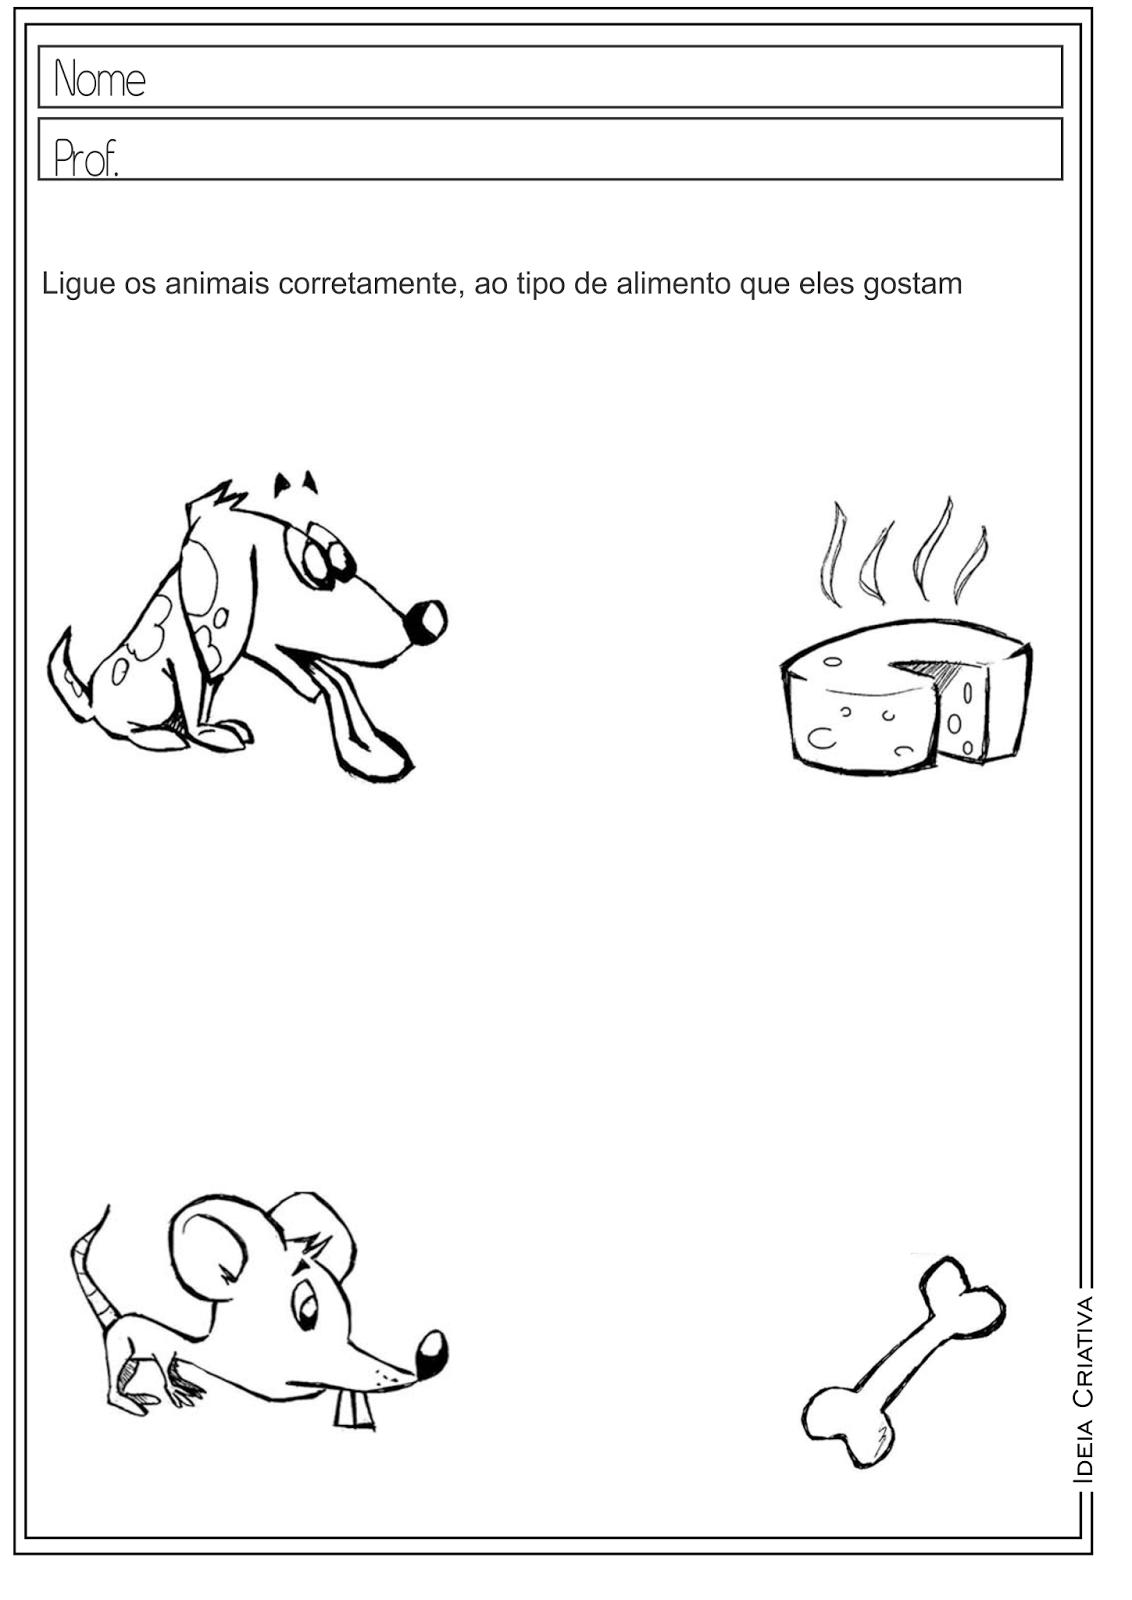 Atividades Educativas Ciências Animais para Ensino Fundamental